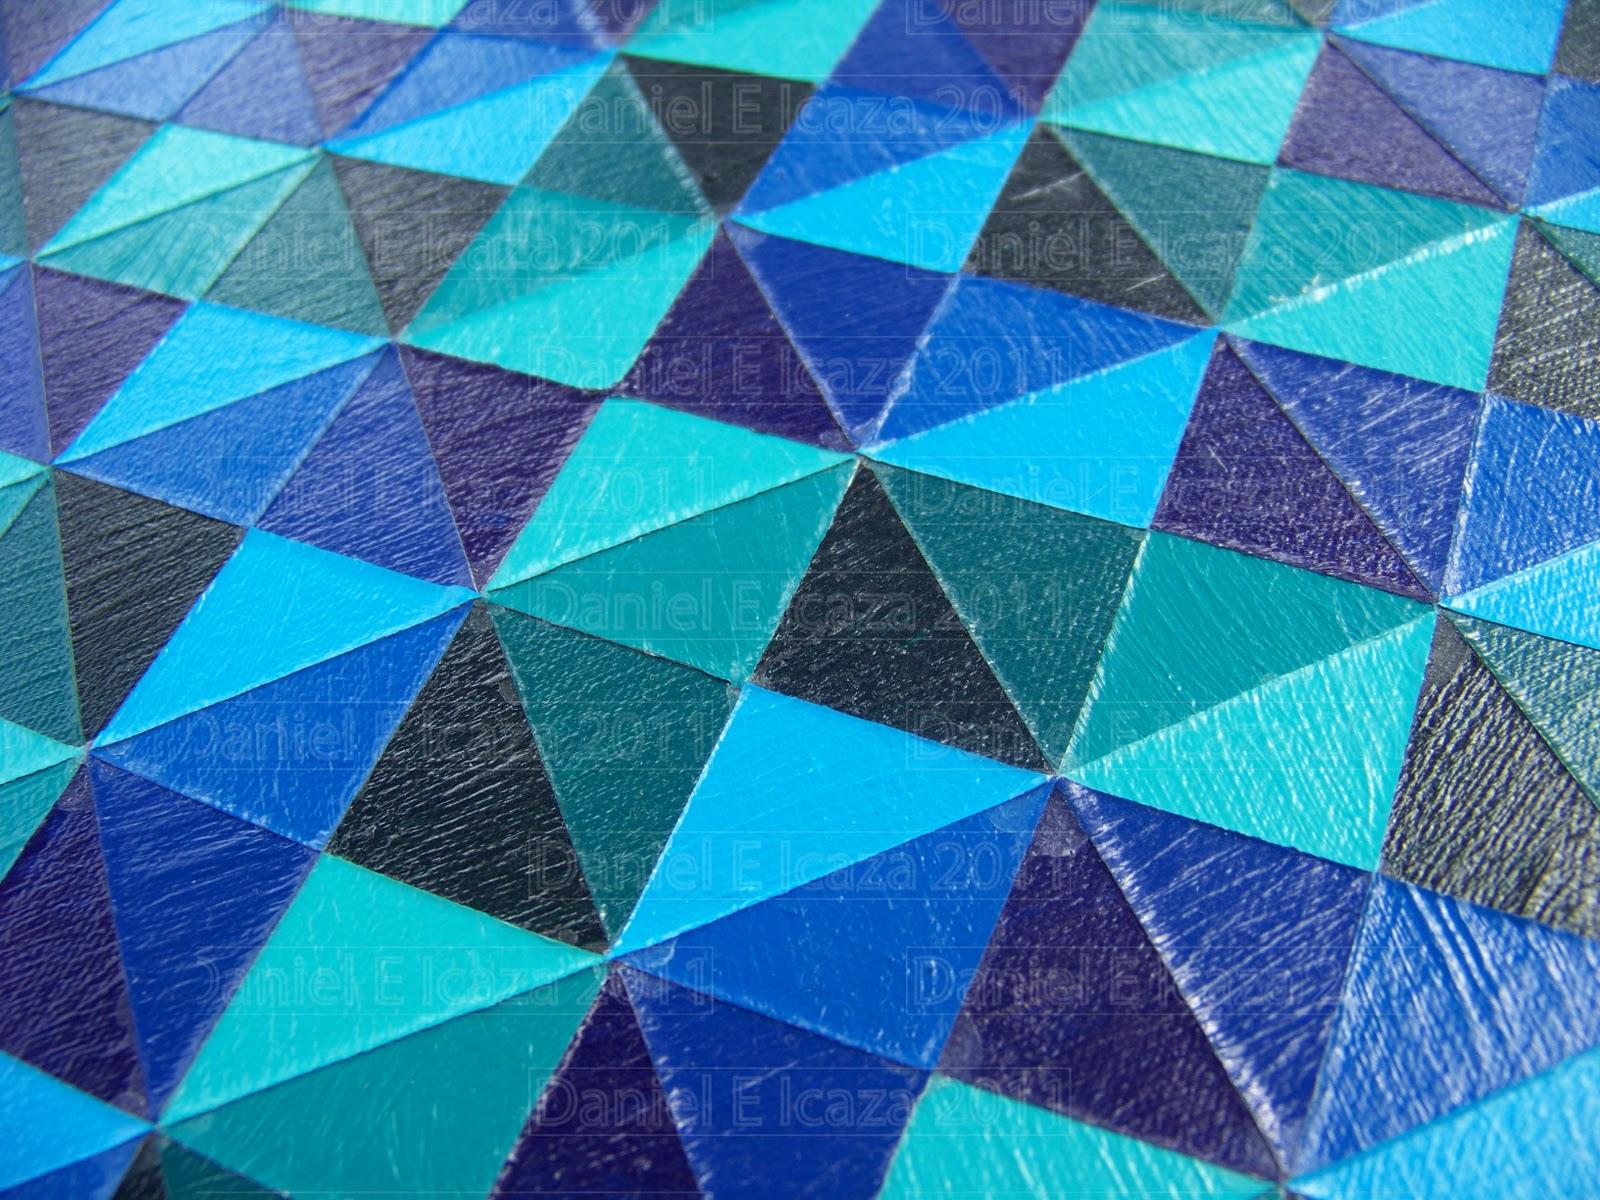 http://1.bp.blogspot.com/_utn-RbFdIEs/TU5Fc5QrqAI/AAAAAAAAAOA/799M33FBxVg/s1600/a2Pthalo+Green+Pthalo+Blue+%2528detail1%2529WM.jpg